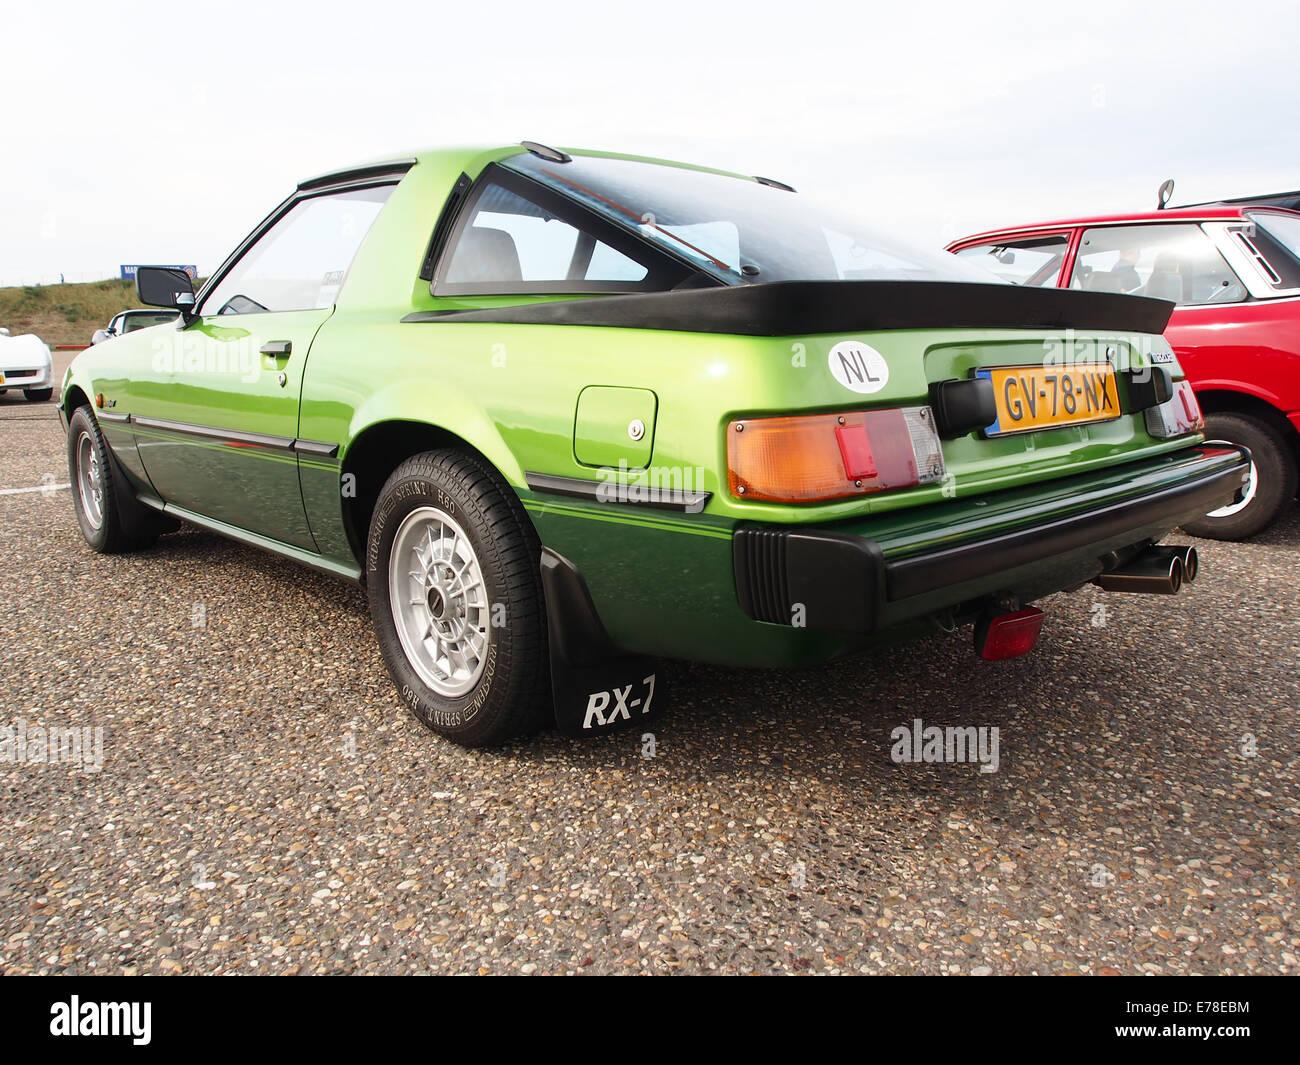 1981 Mazda RX-7, licenza GV-78-NX, pic2 Immagini Stock